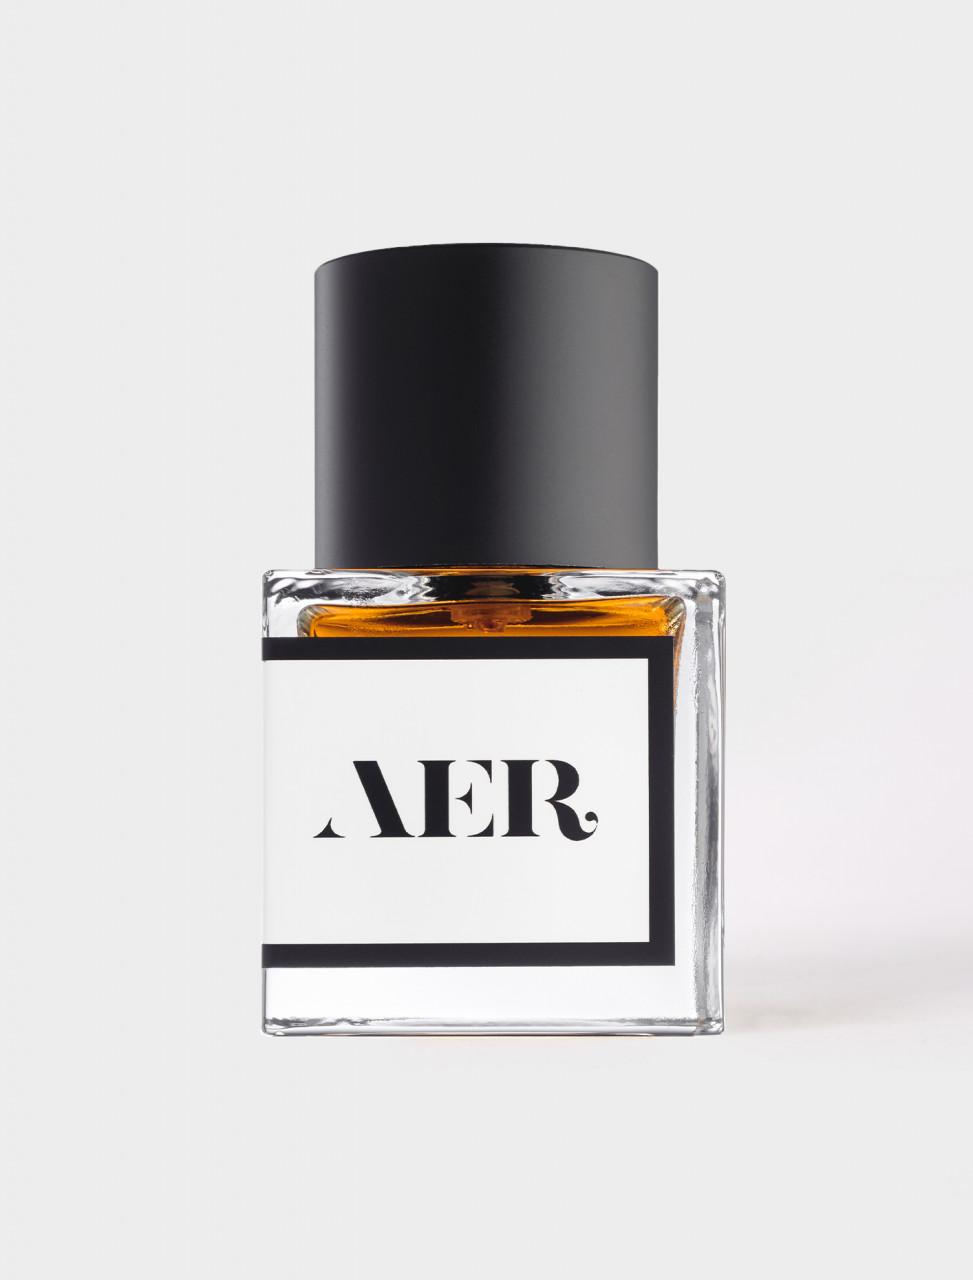 349-AER003 AER NO 3 AMBRE